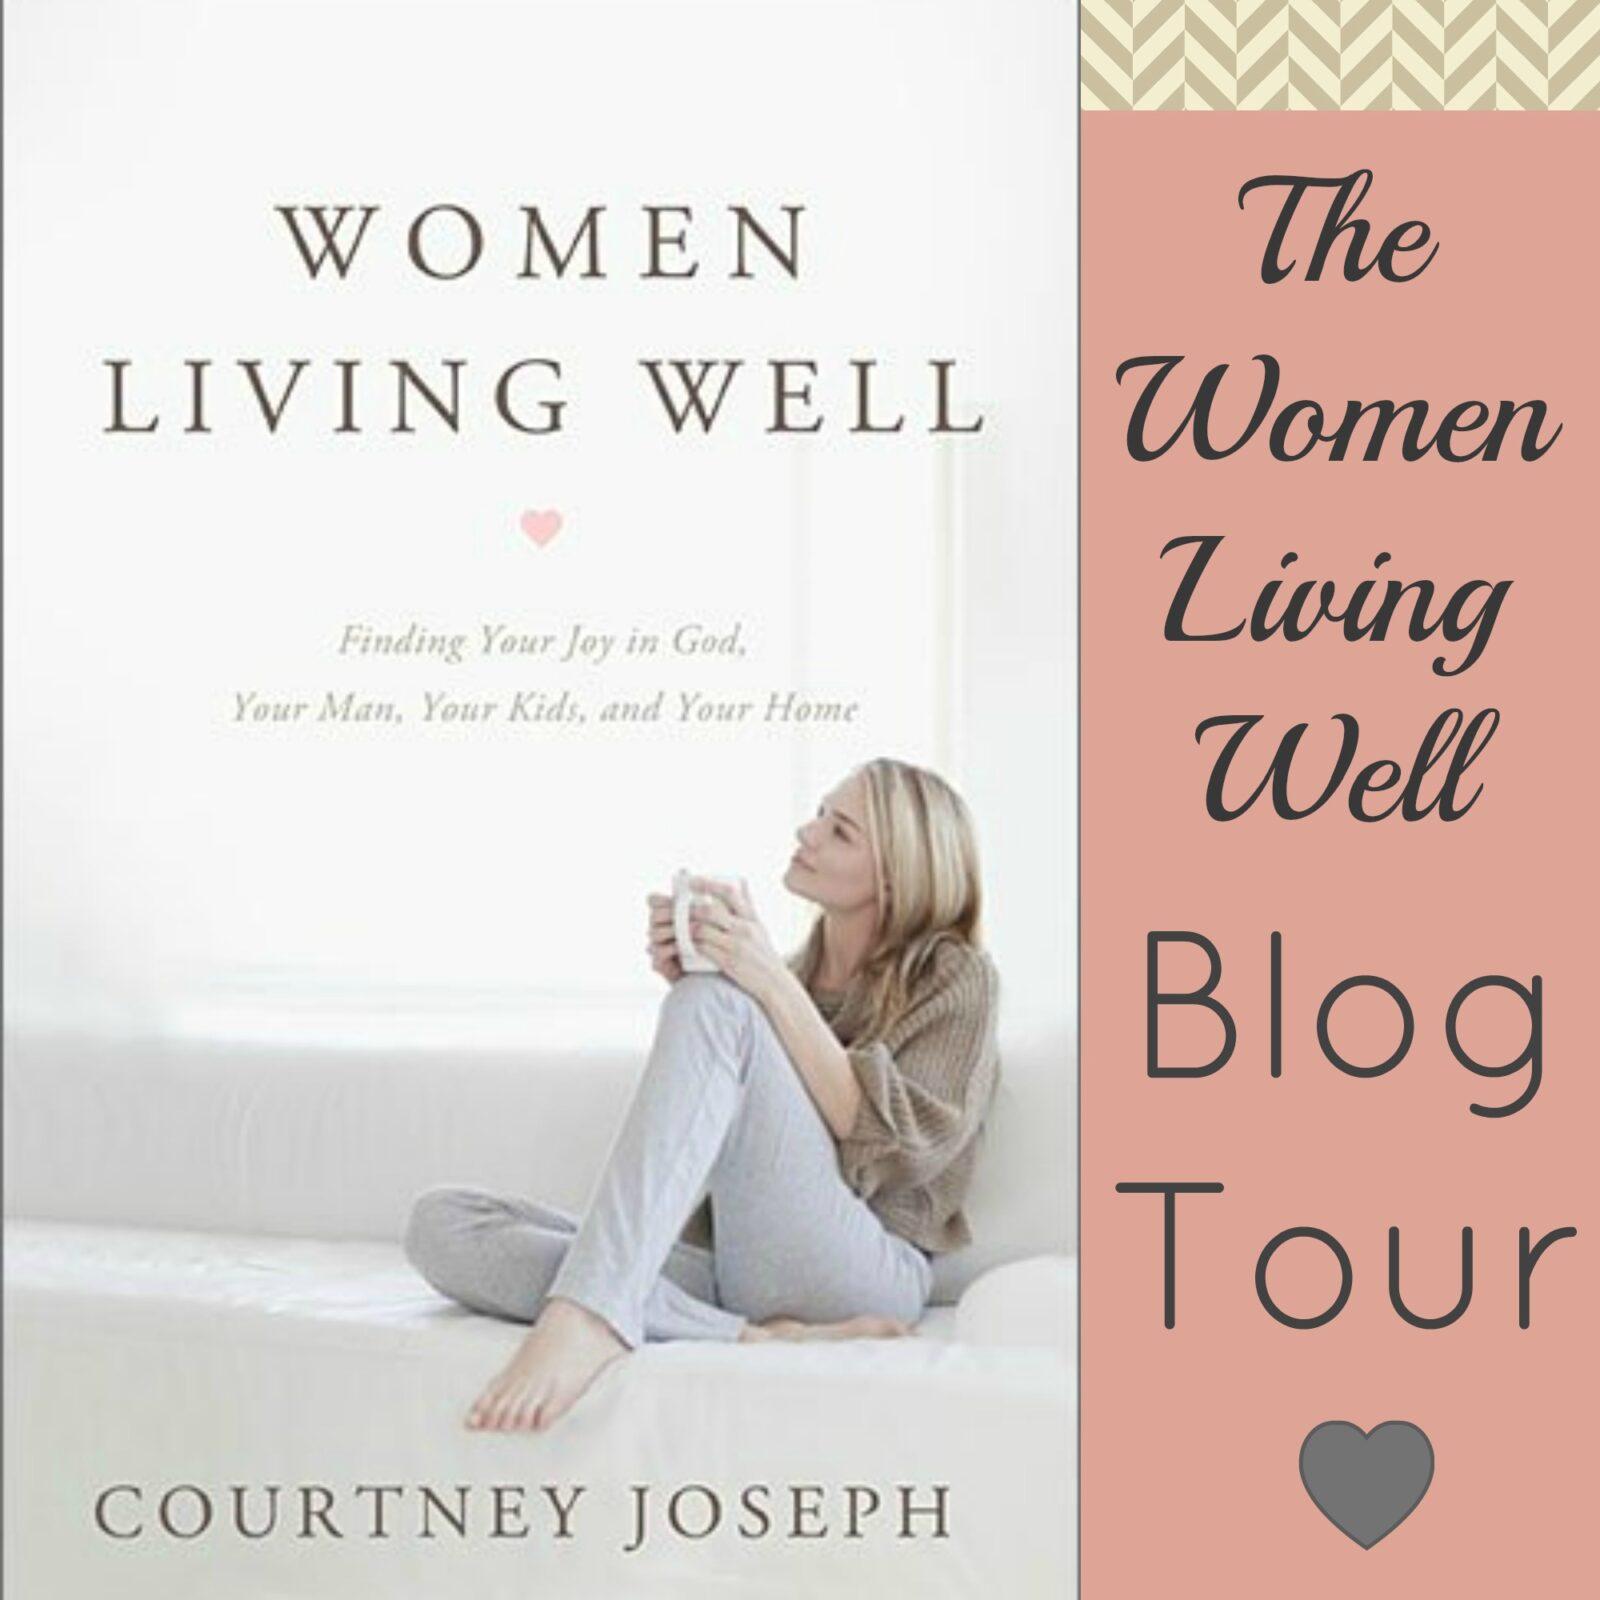 The Women Living Well Blog Tour